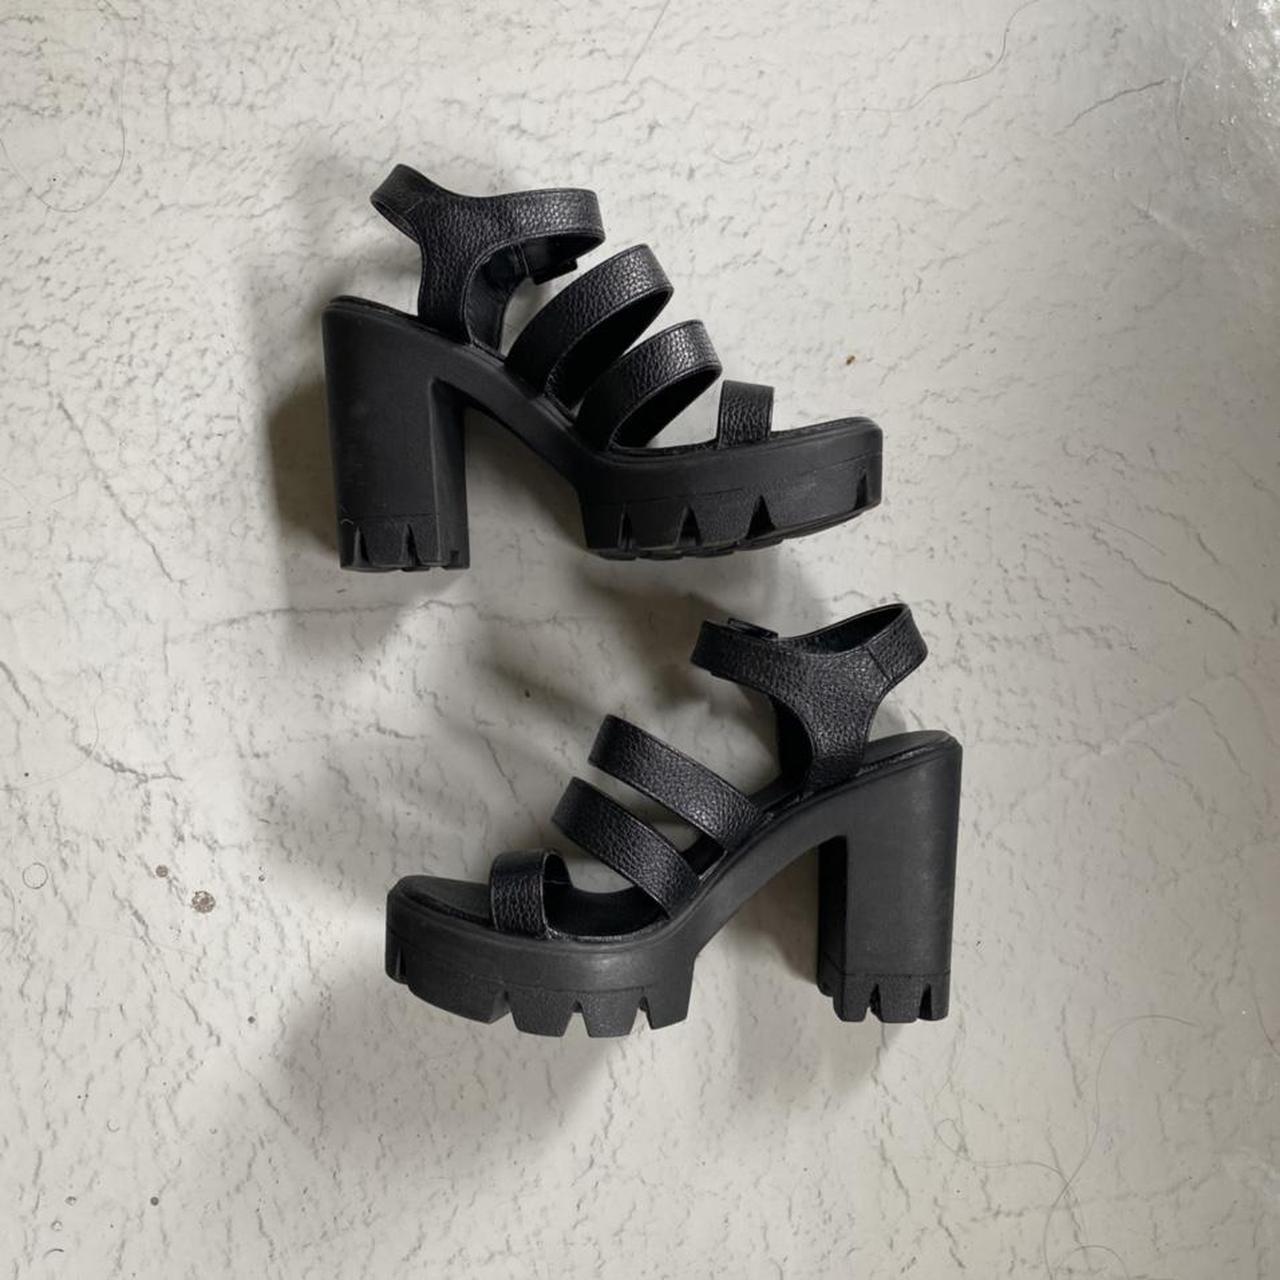 Product Image 1 - CURRENT MOOD black leather platform sandals size